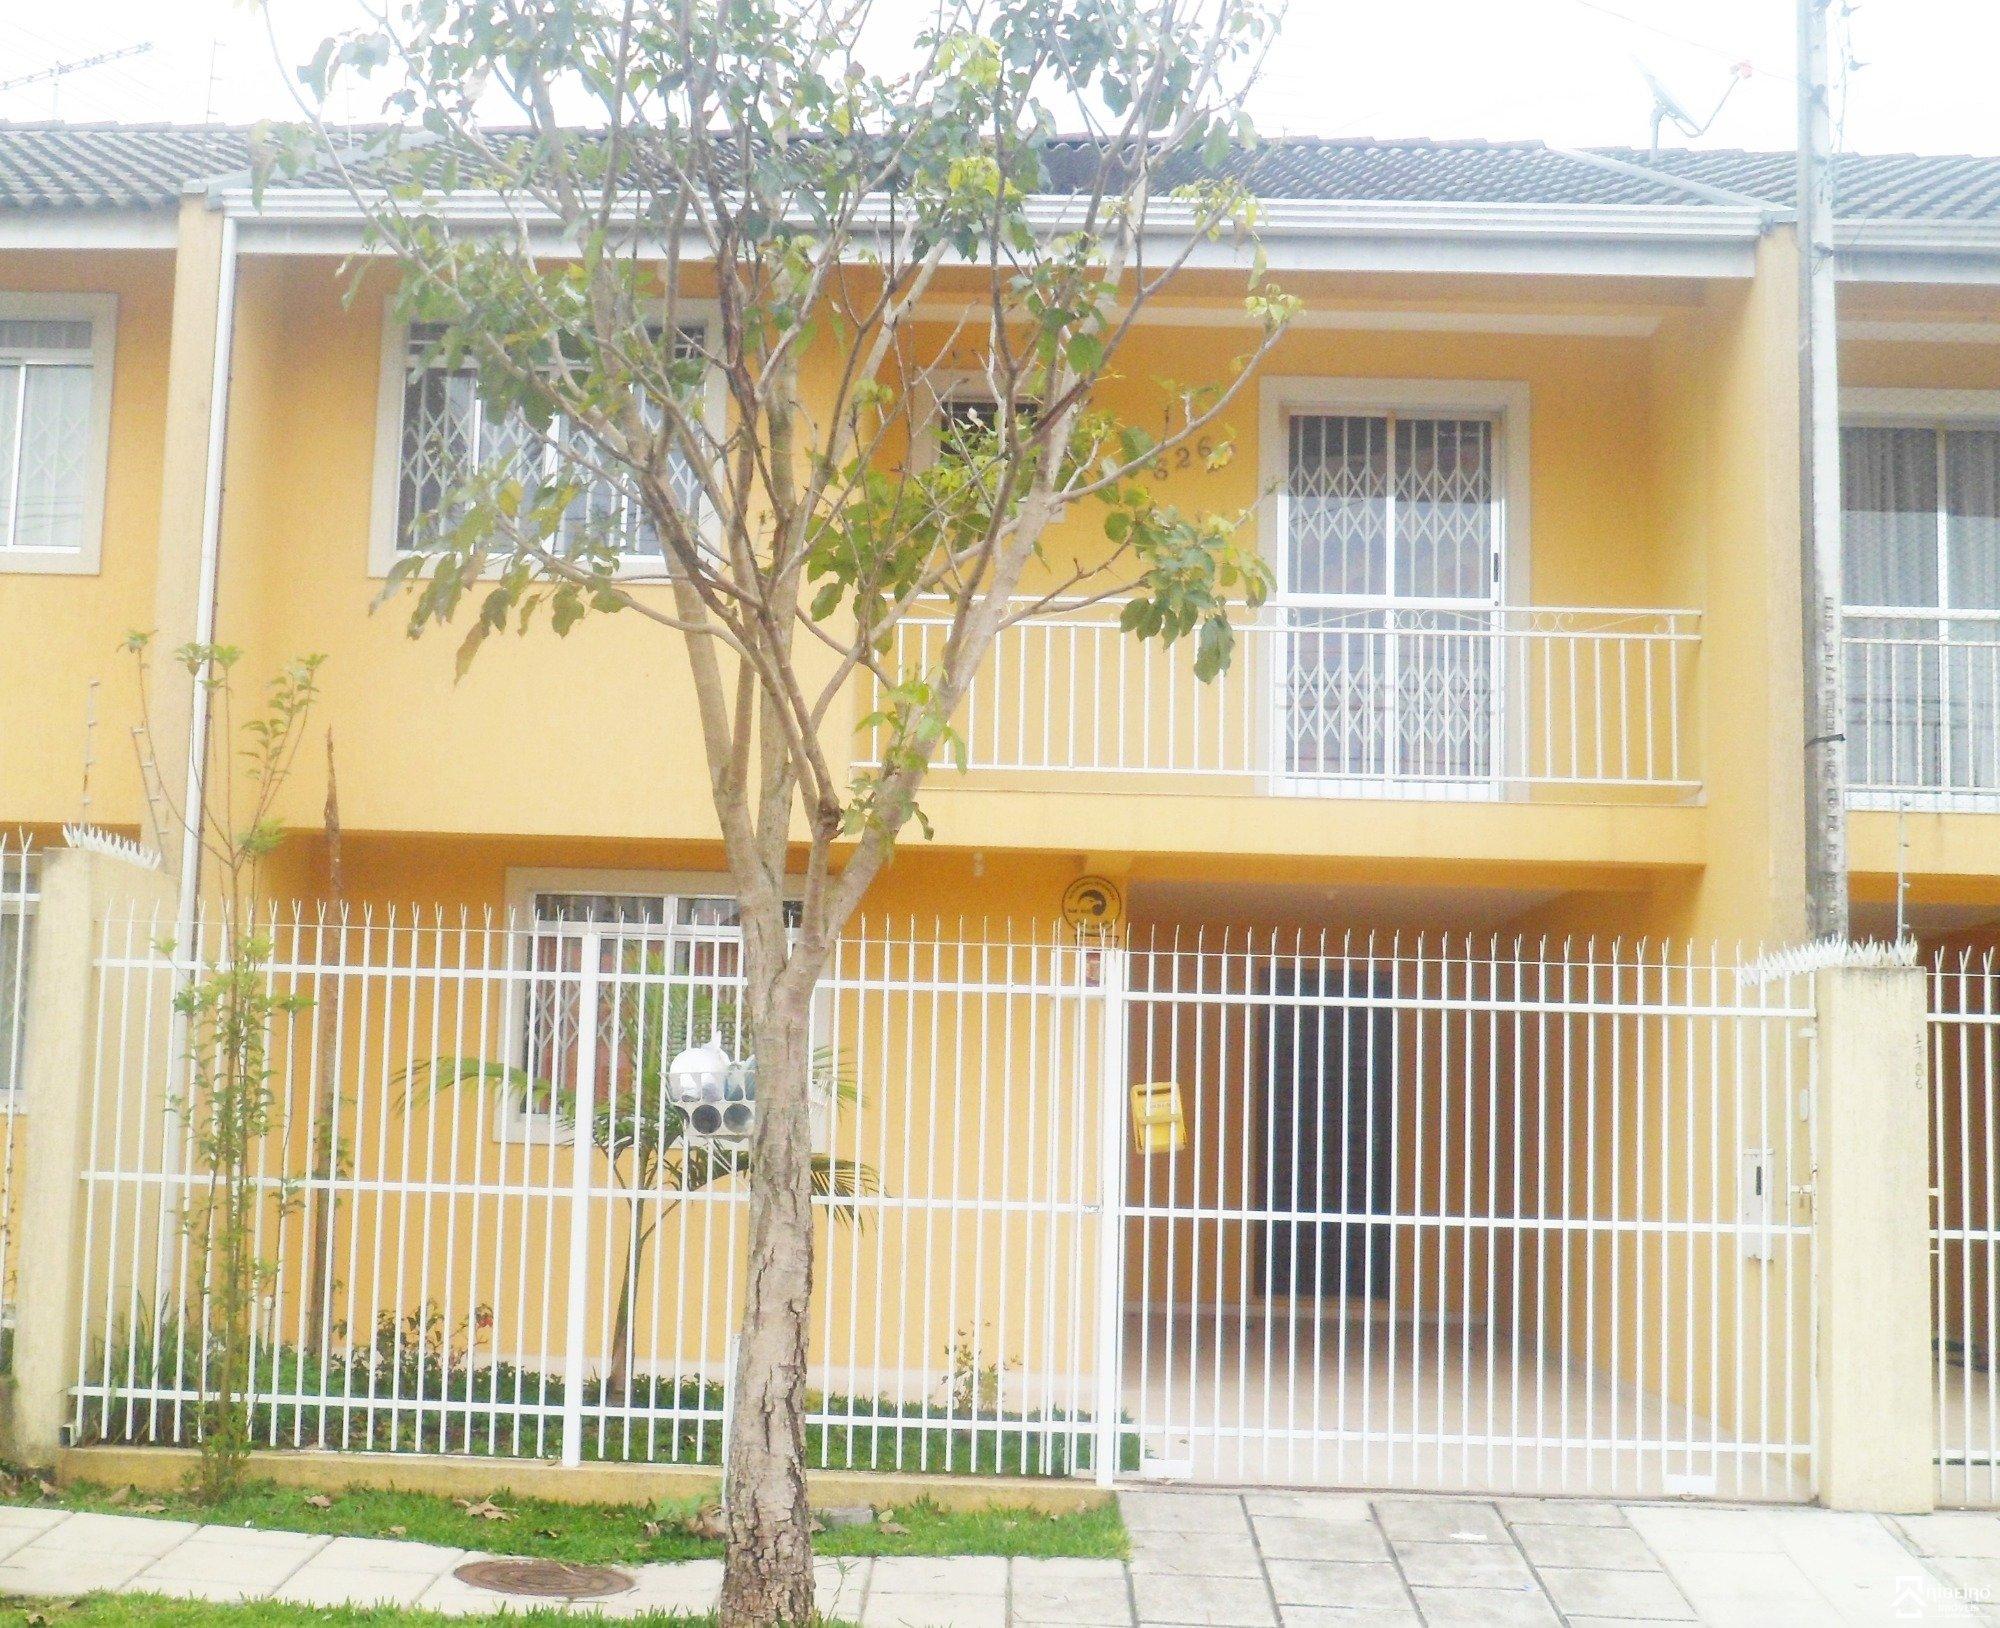 REF. 5377 -  São José Dos Pinhais - Rua Para, 626 - Sobrado 3